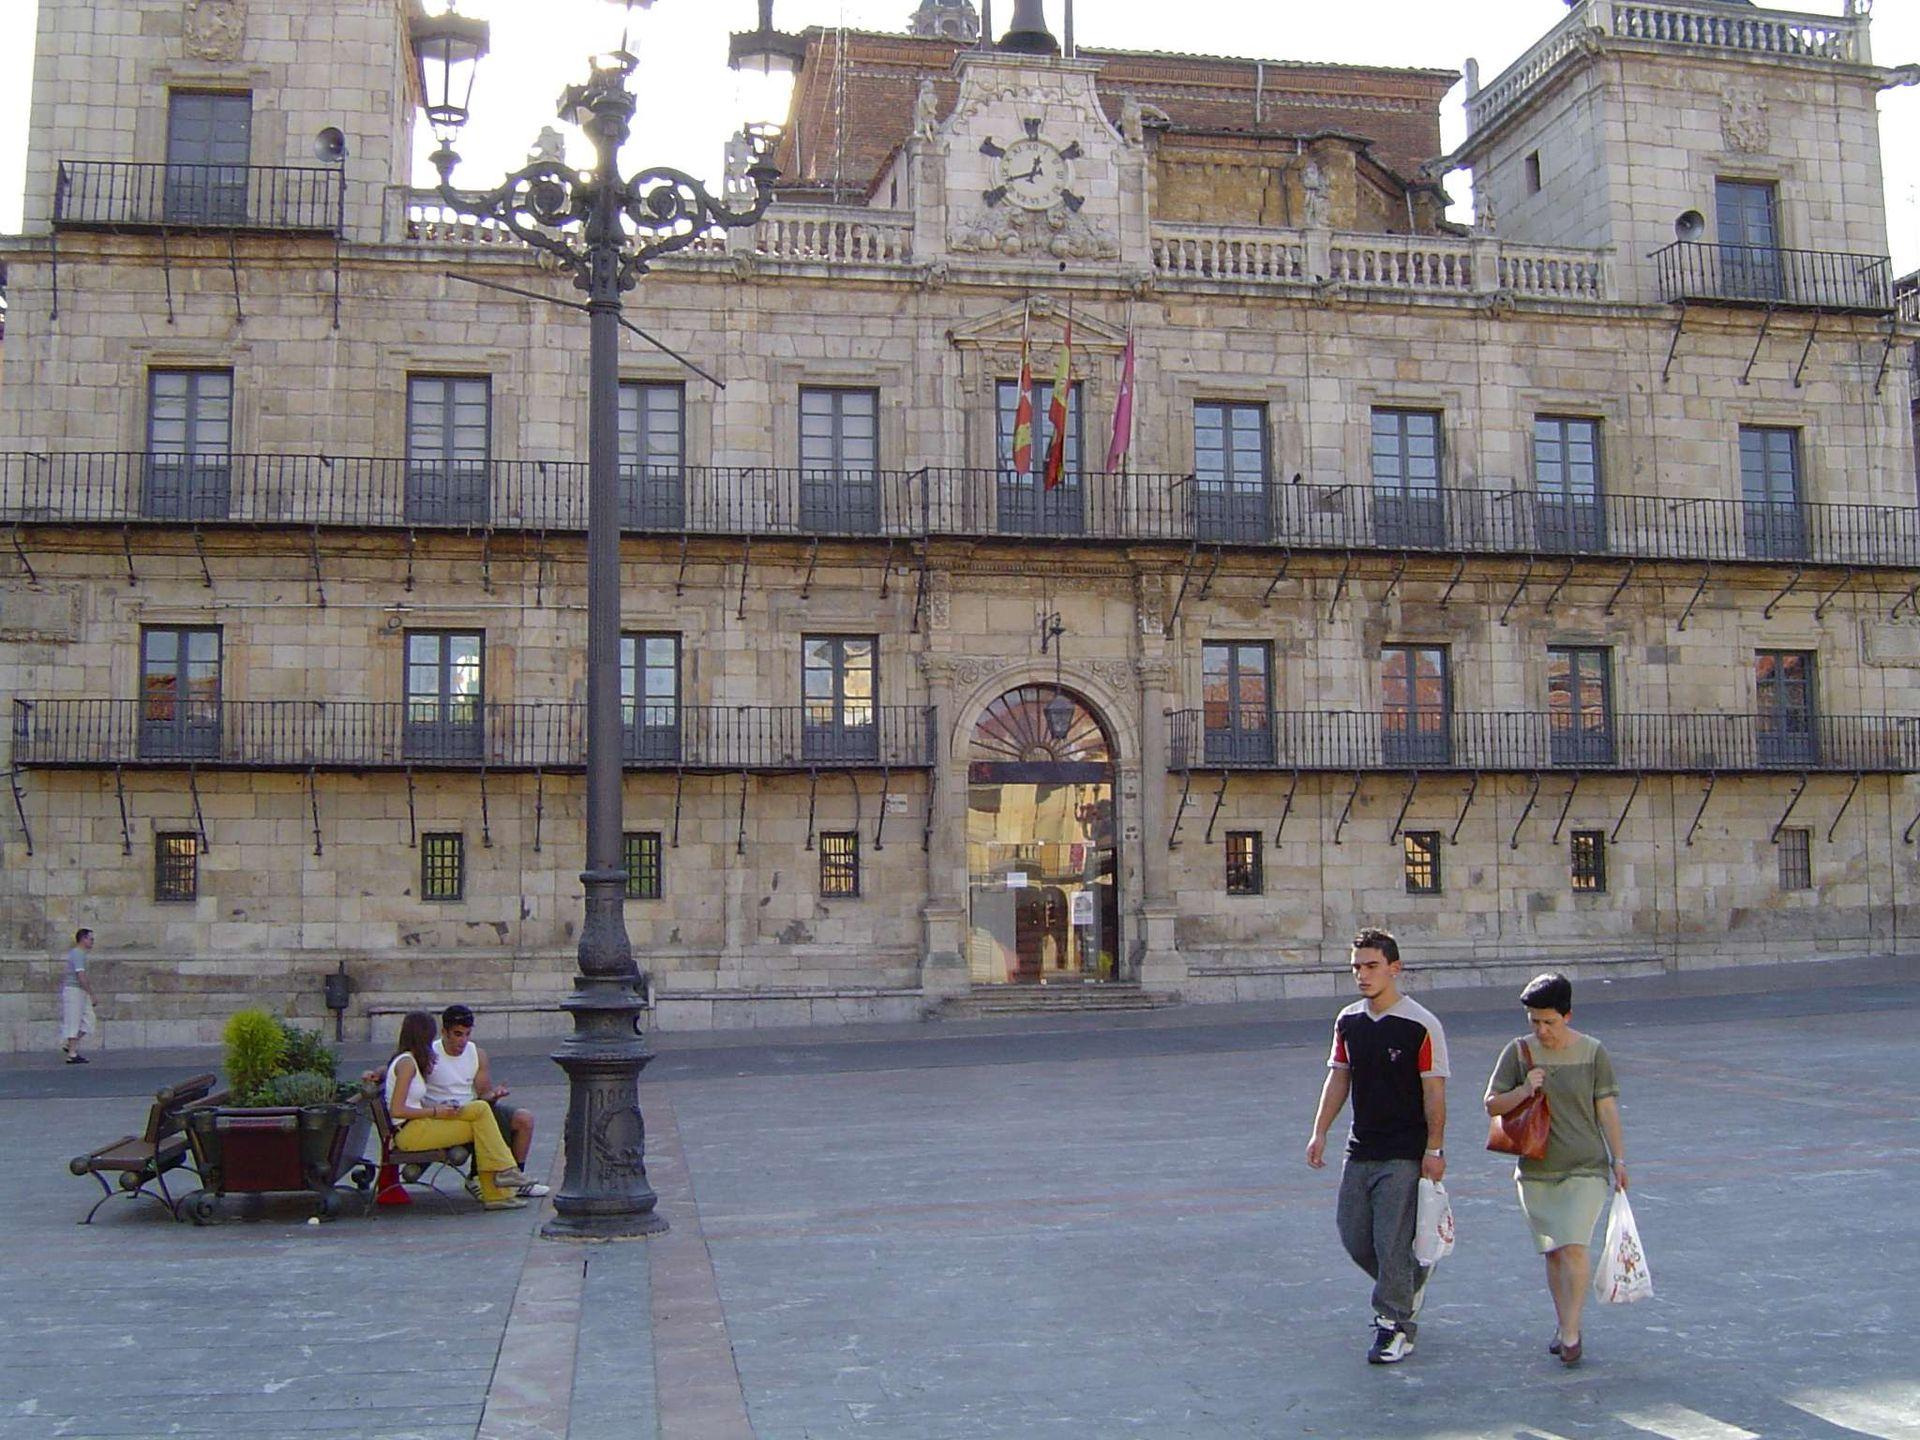 Le o espanha wikip dia a enciclop dia livre for Oficina de turismo leon